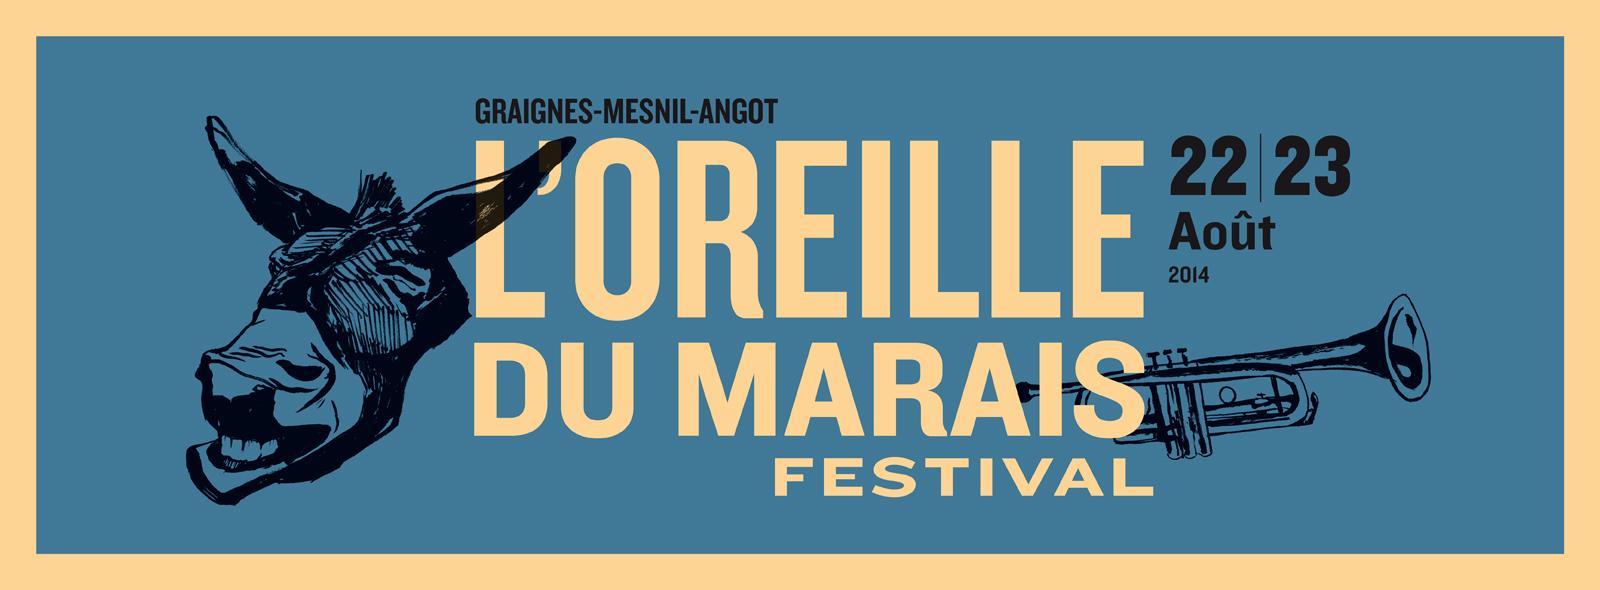 bandeau_internet_oreille_du_marais-bleu.jpg